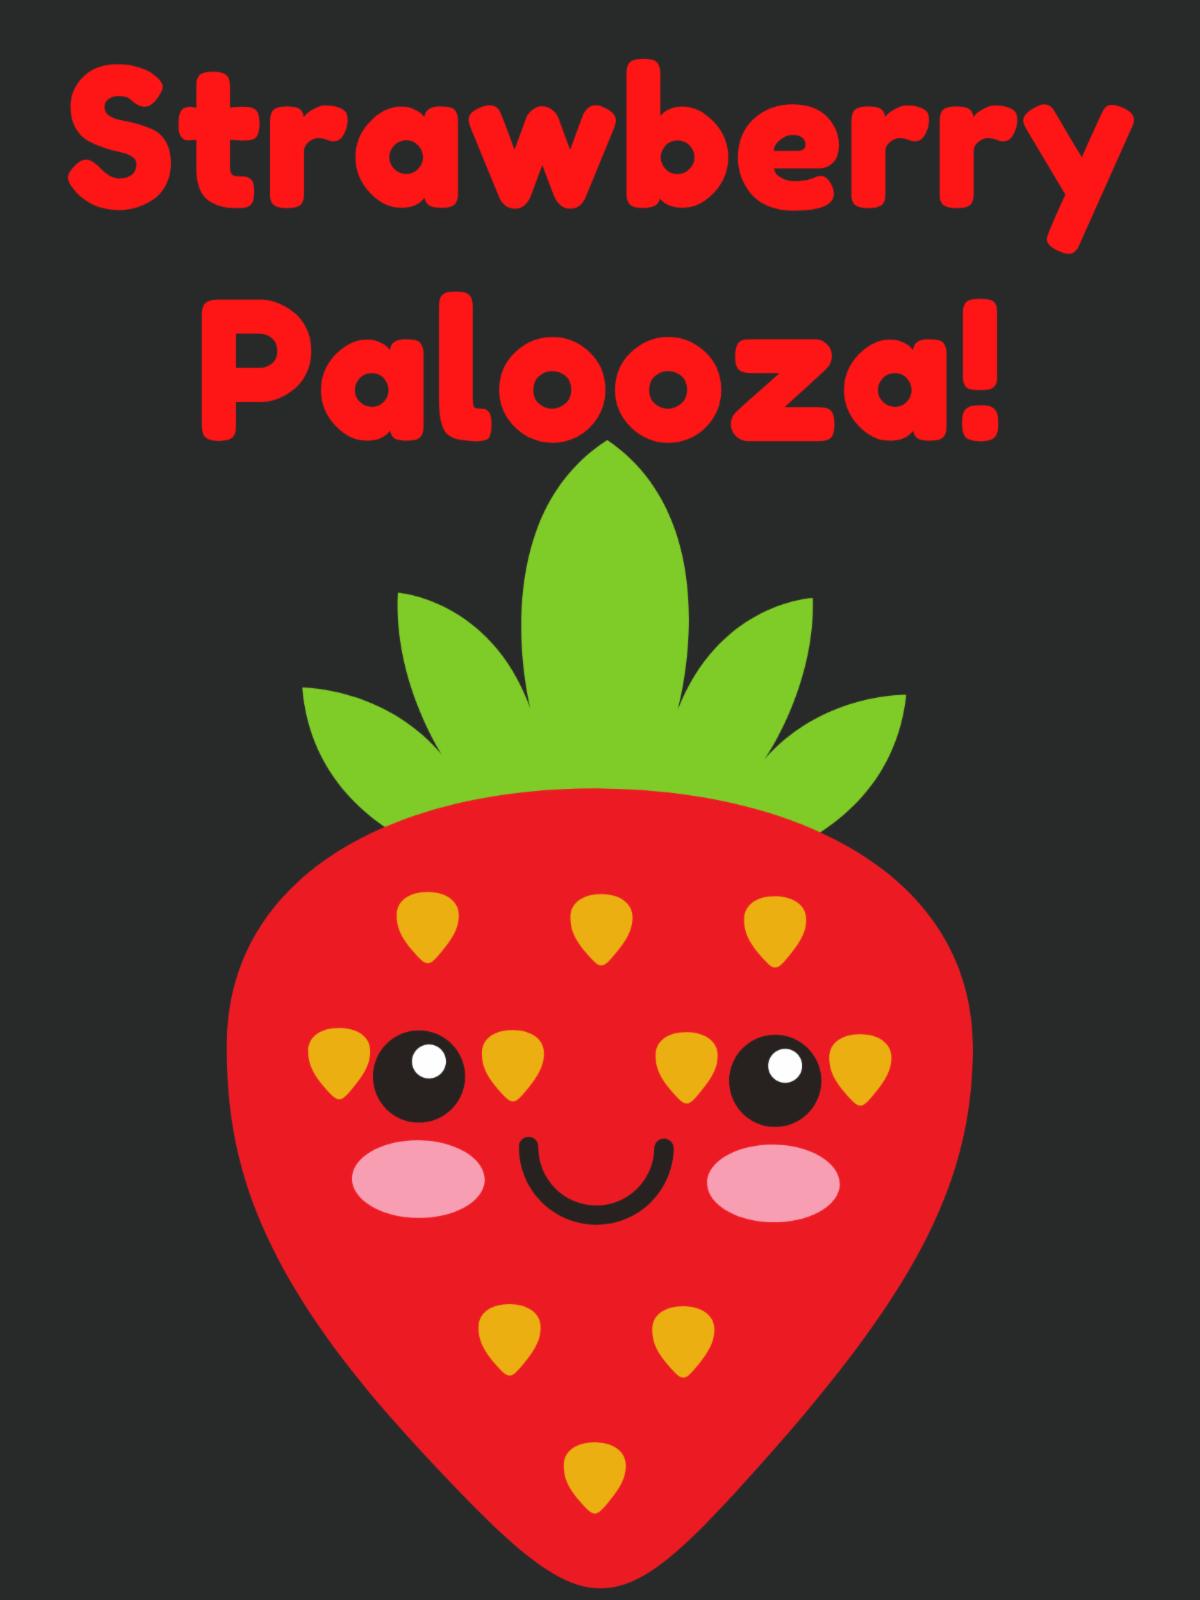 Strawberry Palooza_.png